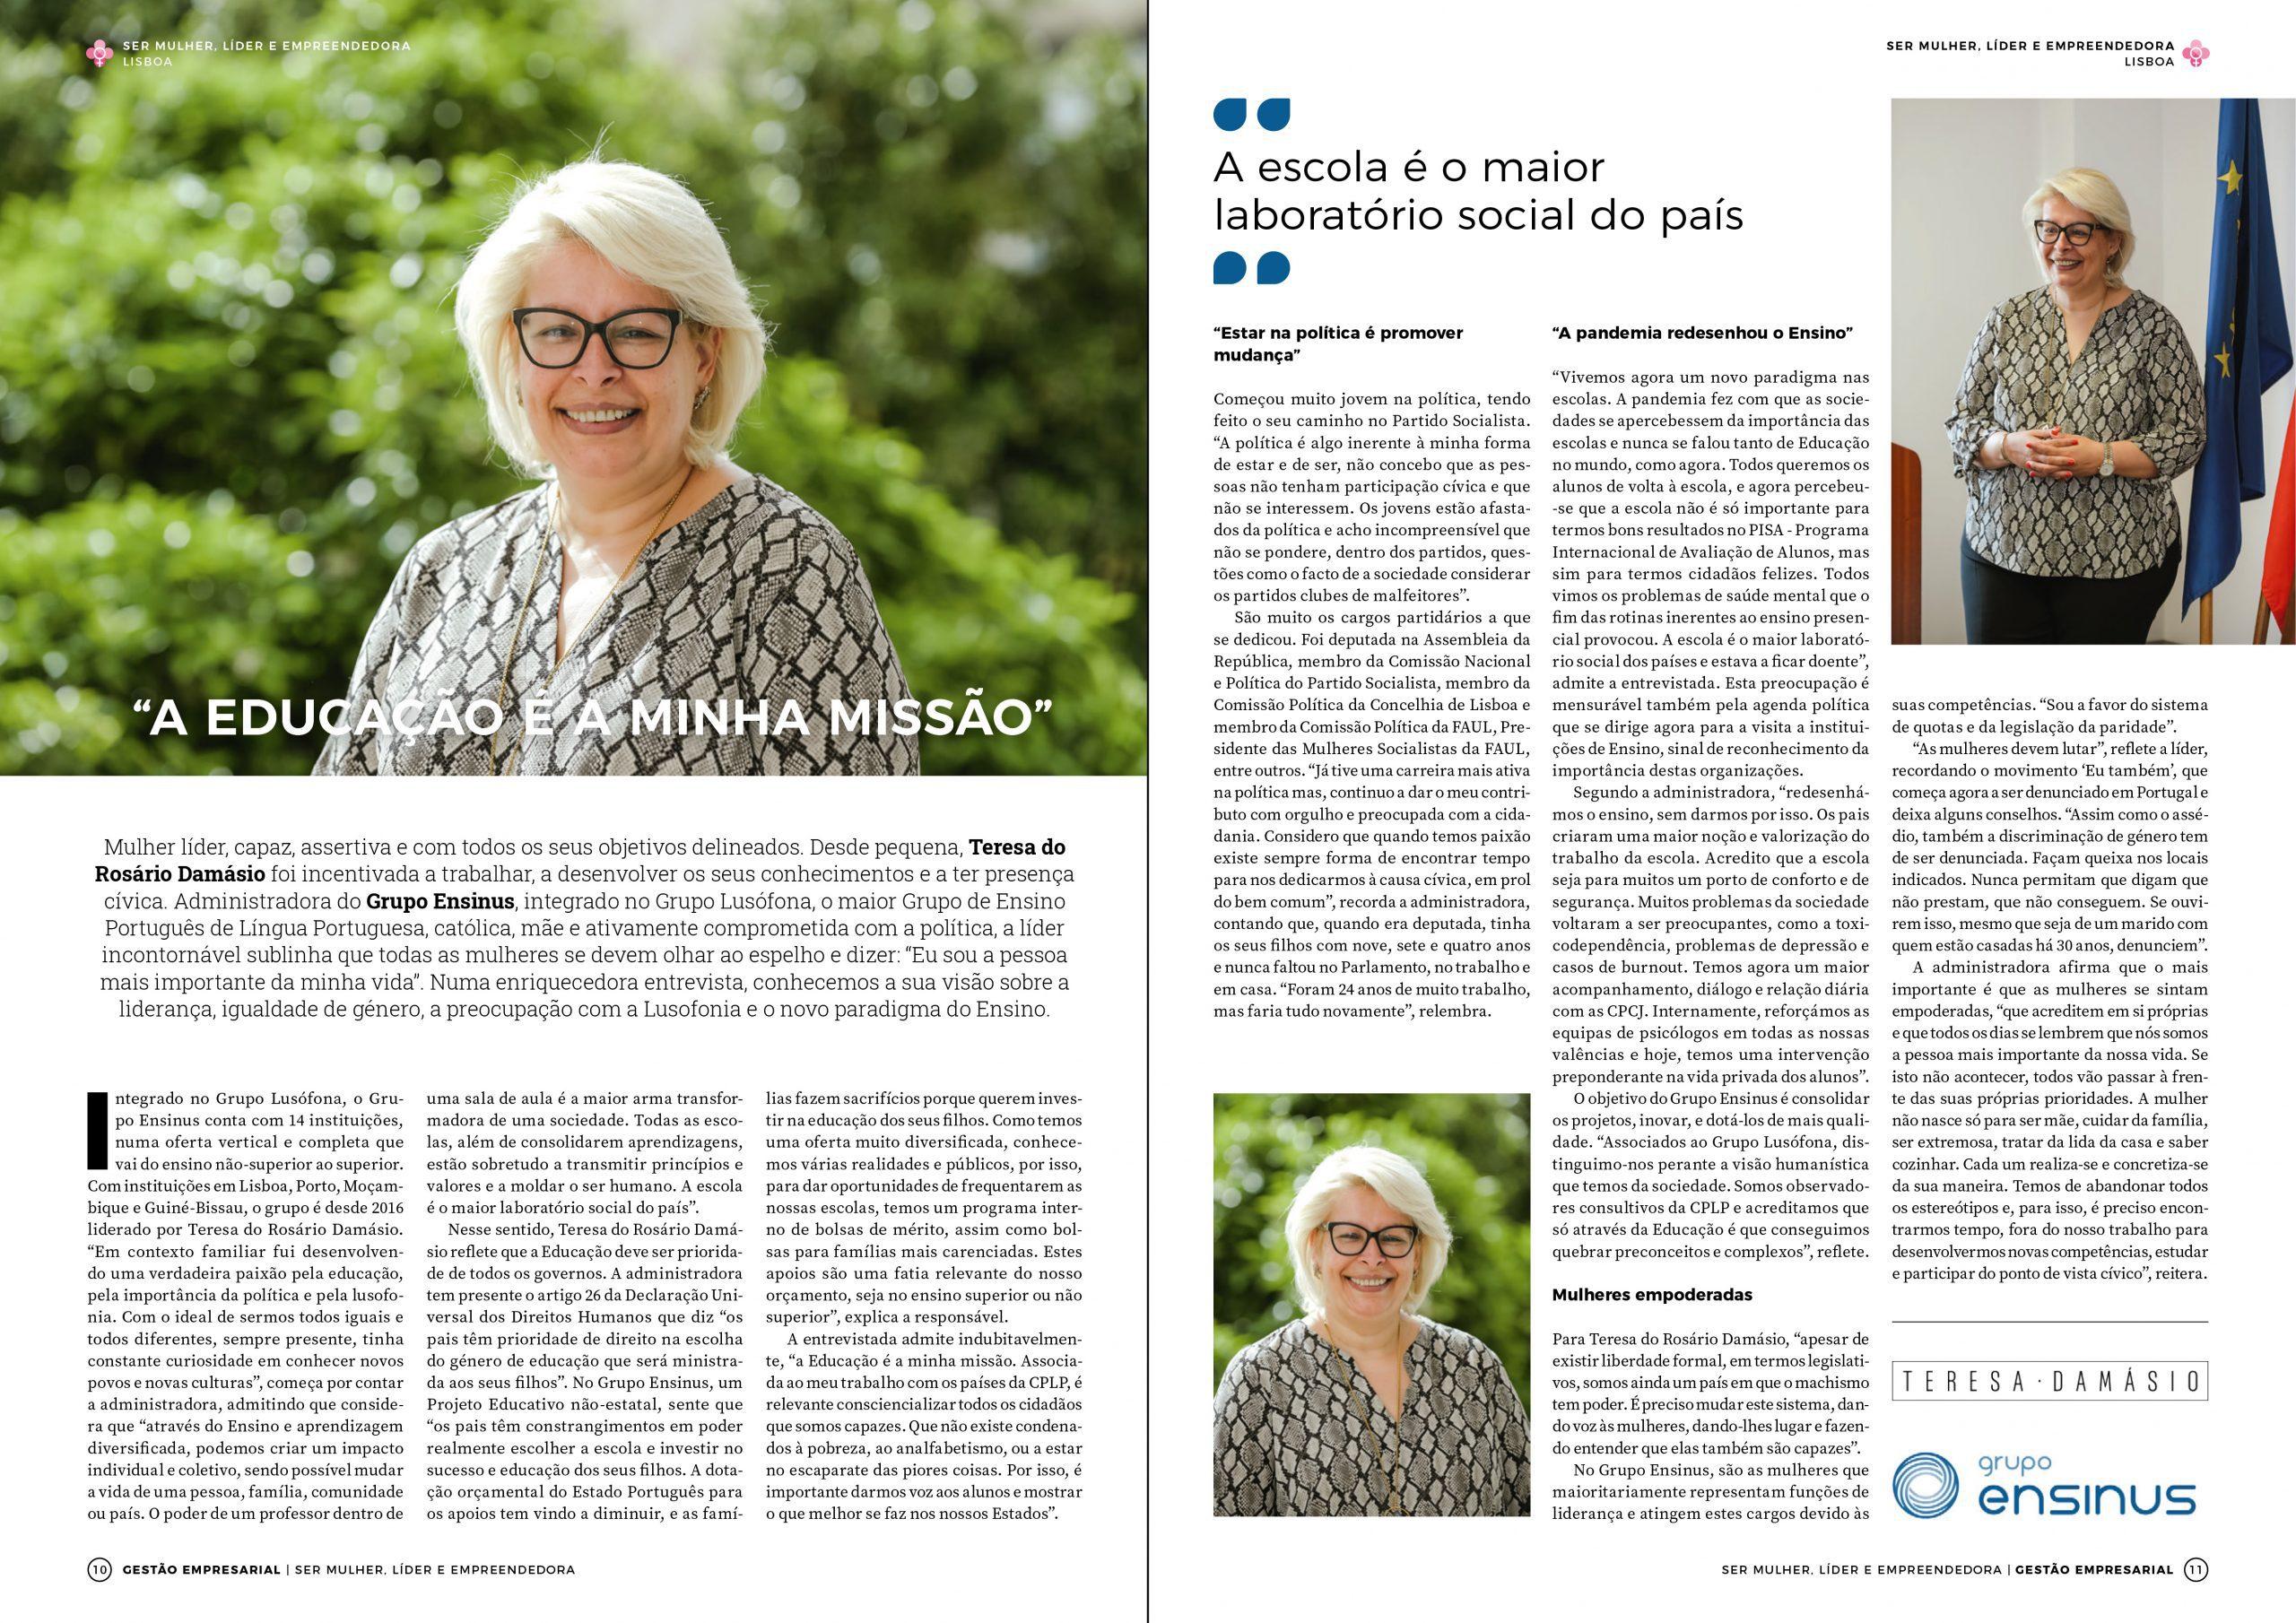 """Revista Gestão Empresarial: """"A Educação é a minha Missão"""""""